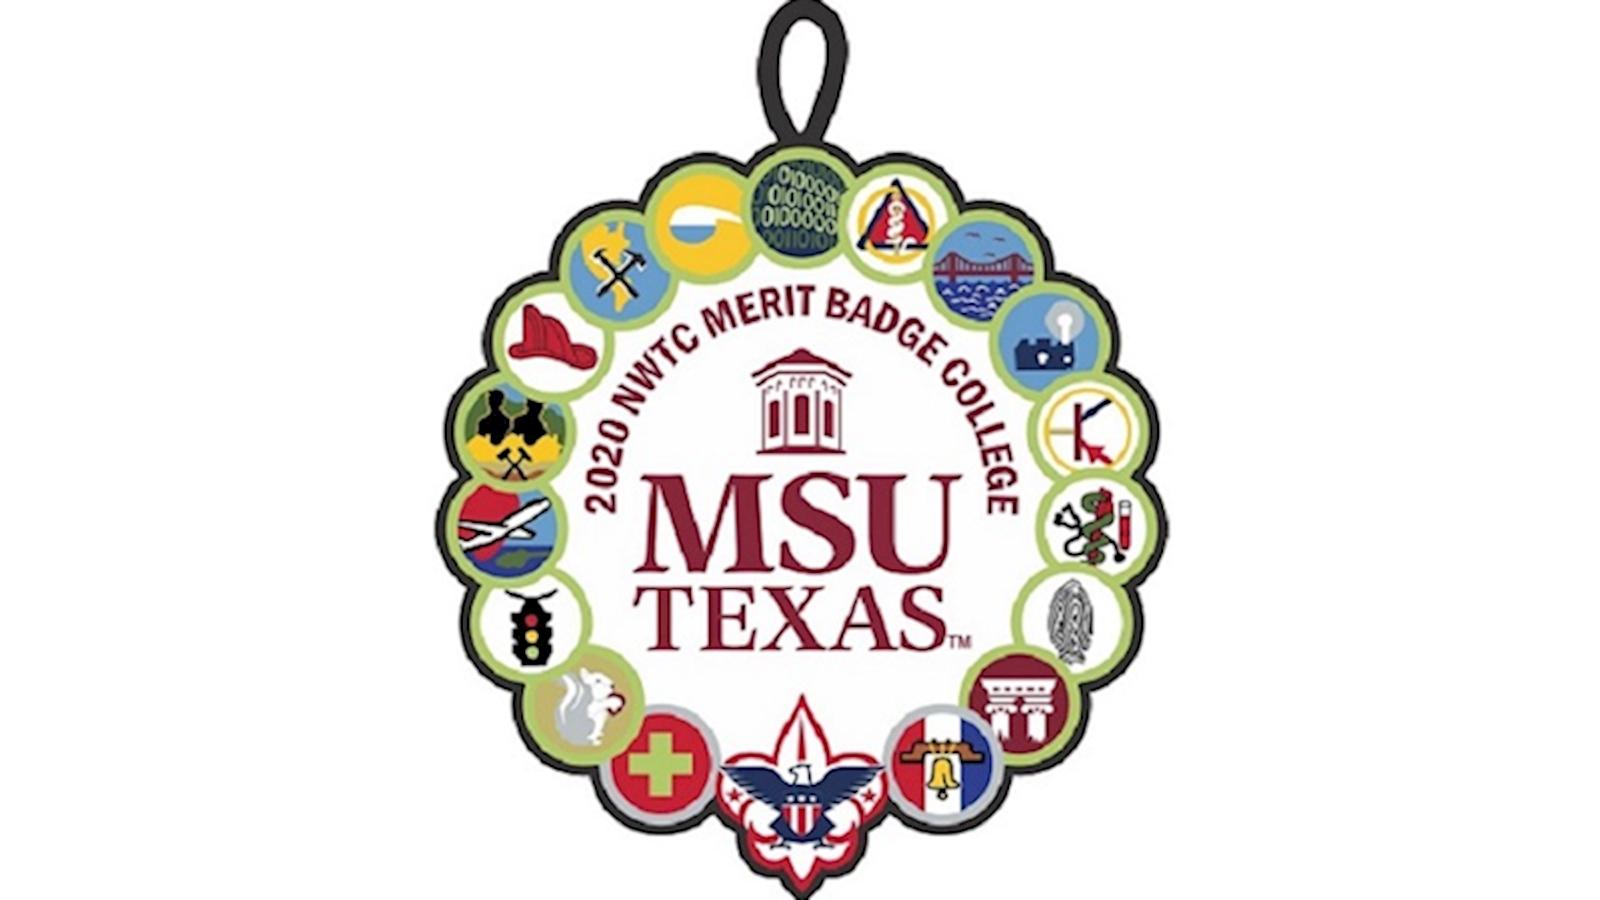 image for 2020 NWTC Merit Badge College